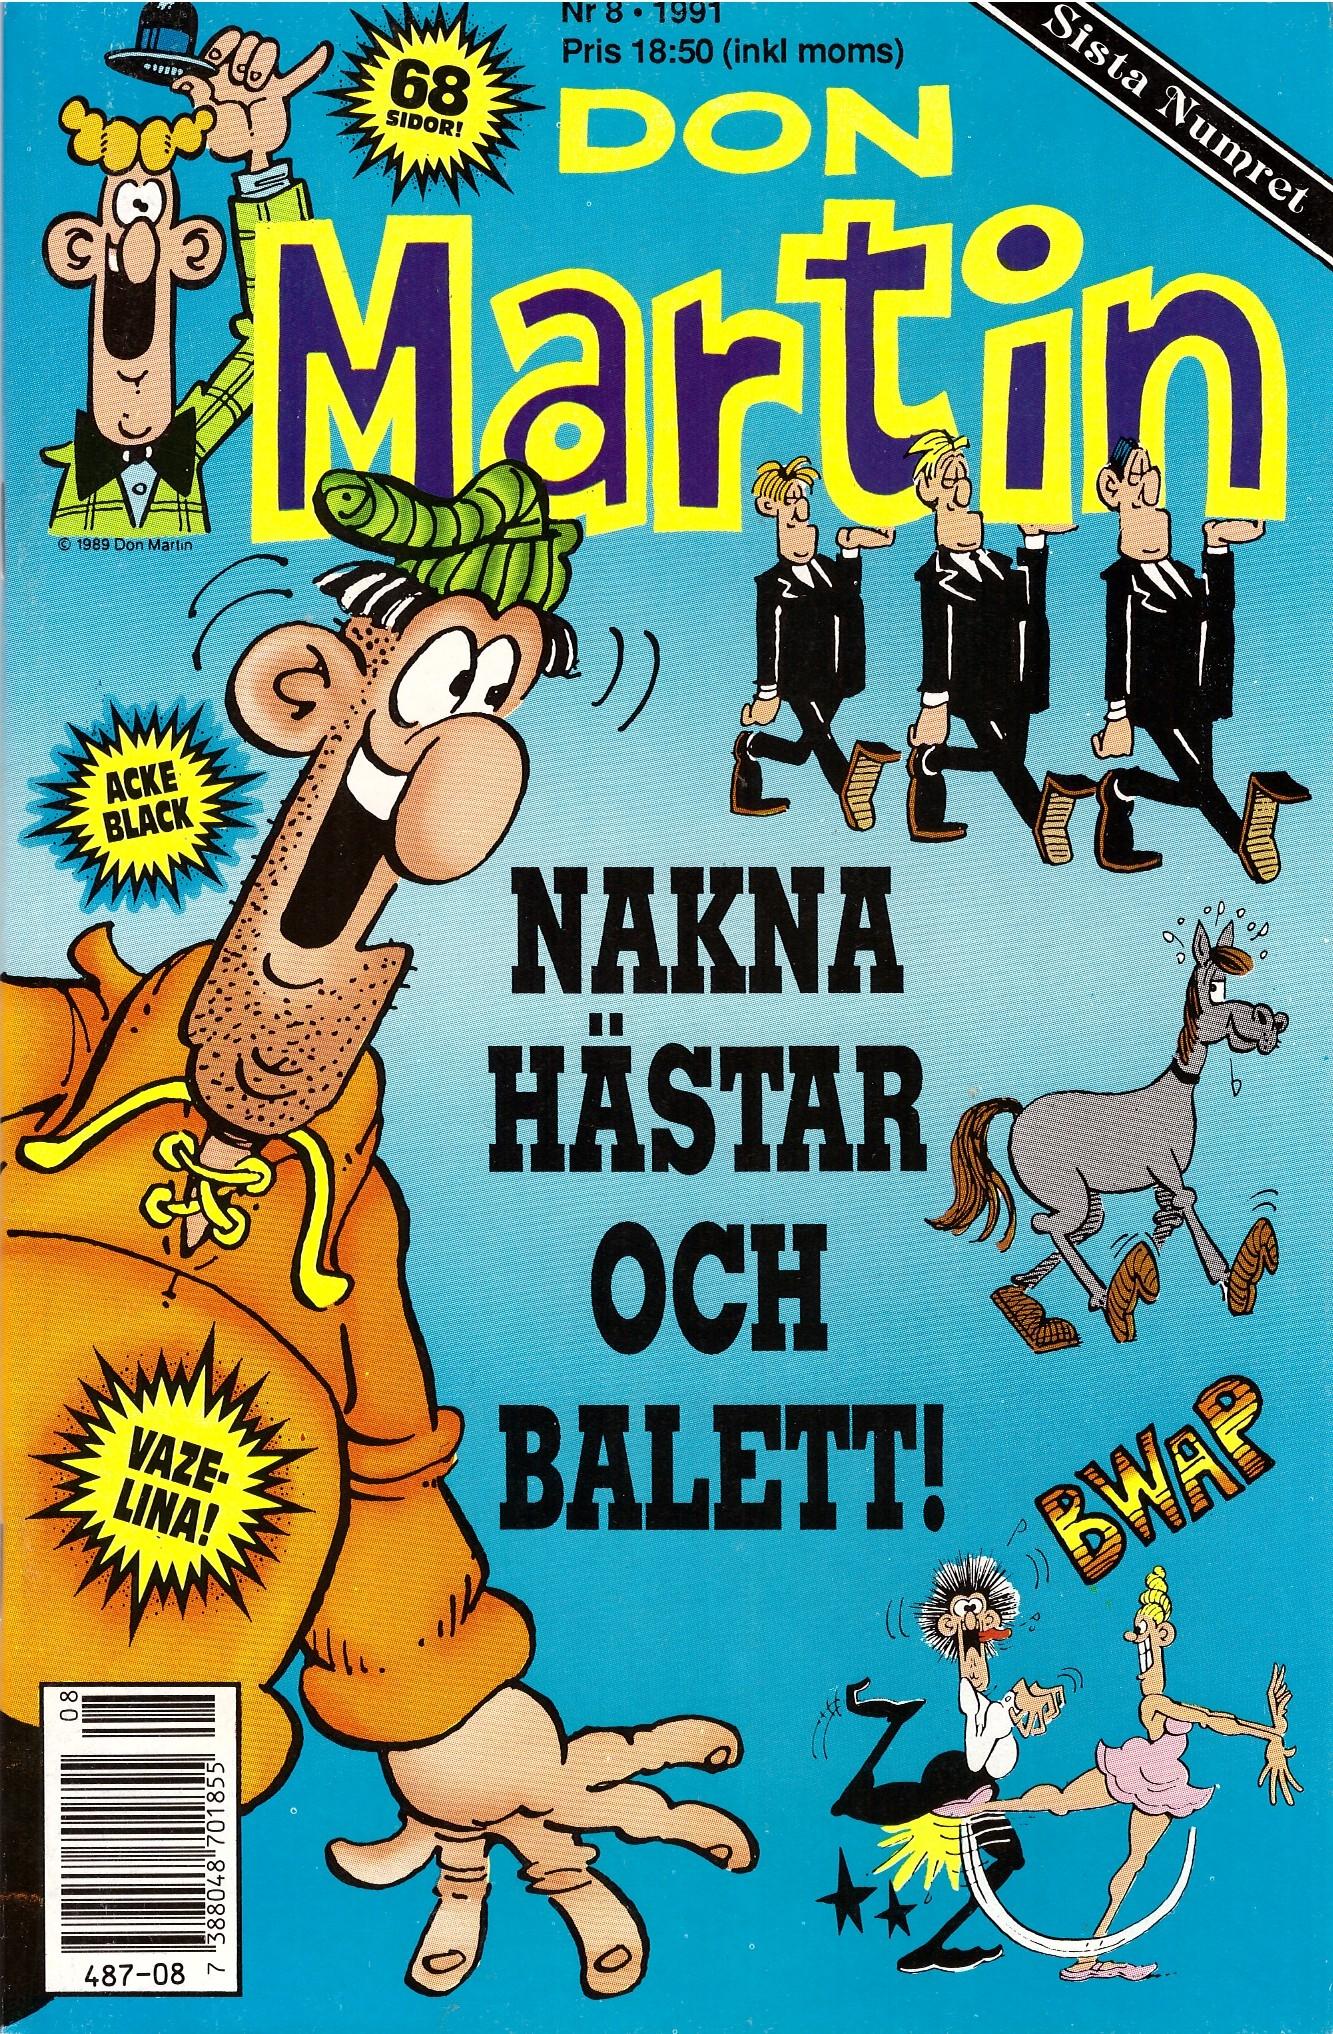 Don Martin • Sweden